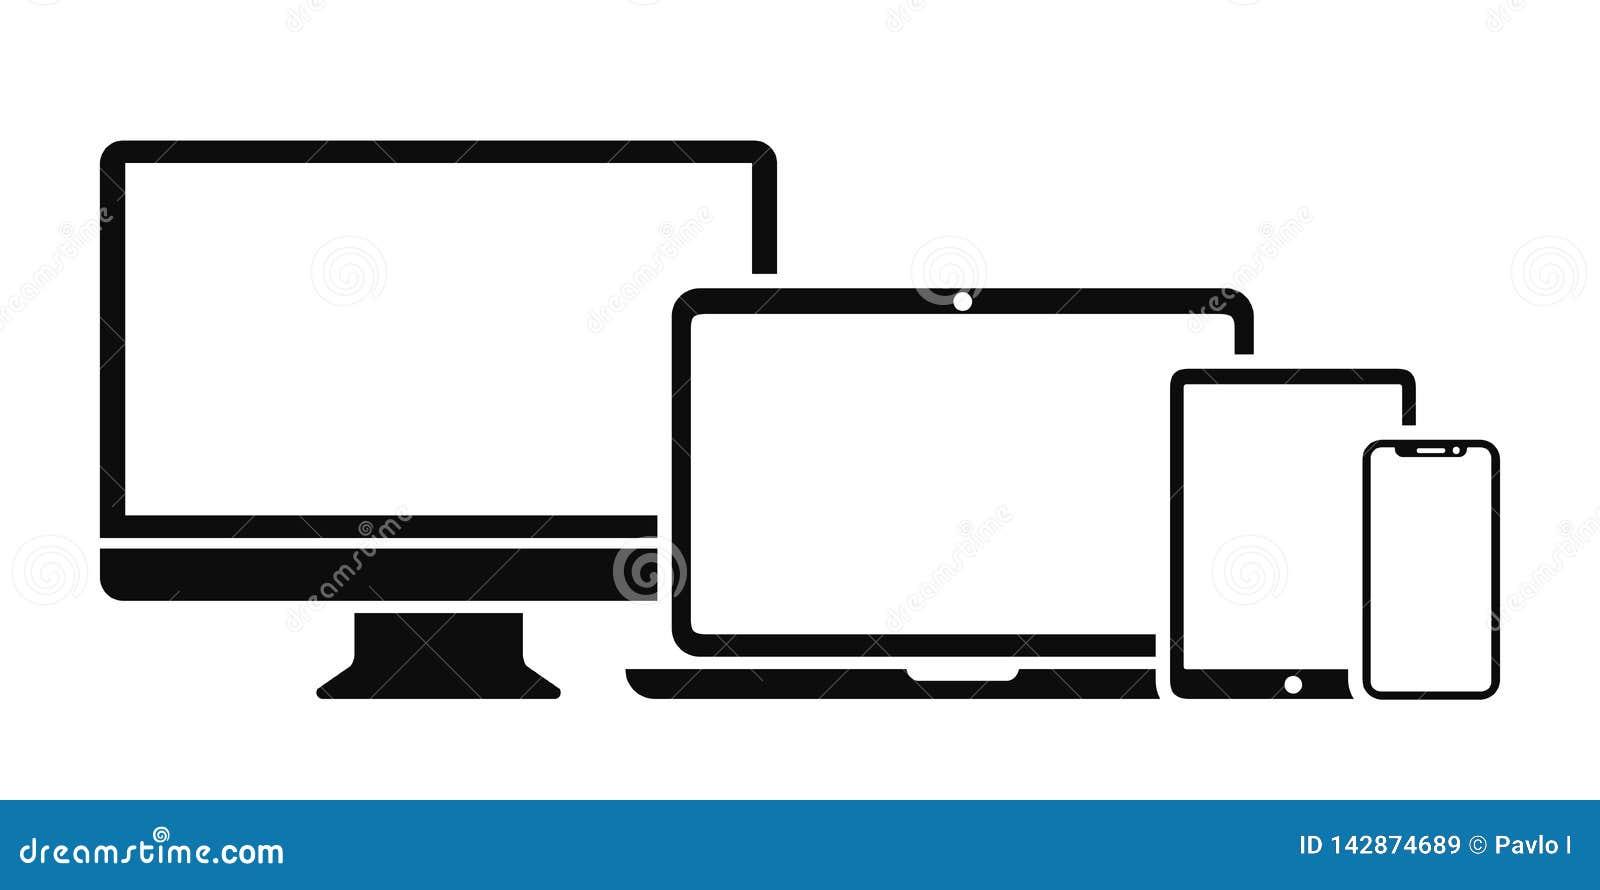 Καθορισμένο εικονίδιο συσκευών τεχνολογίας: εικονίδιο οθόνης υπολογιστών, lap-top, ταμπλετών και smartphone για την ανάπτυξη Ιστο